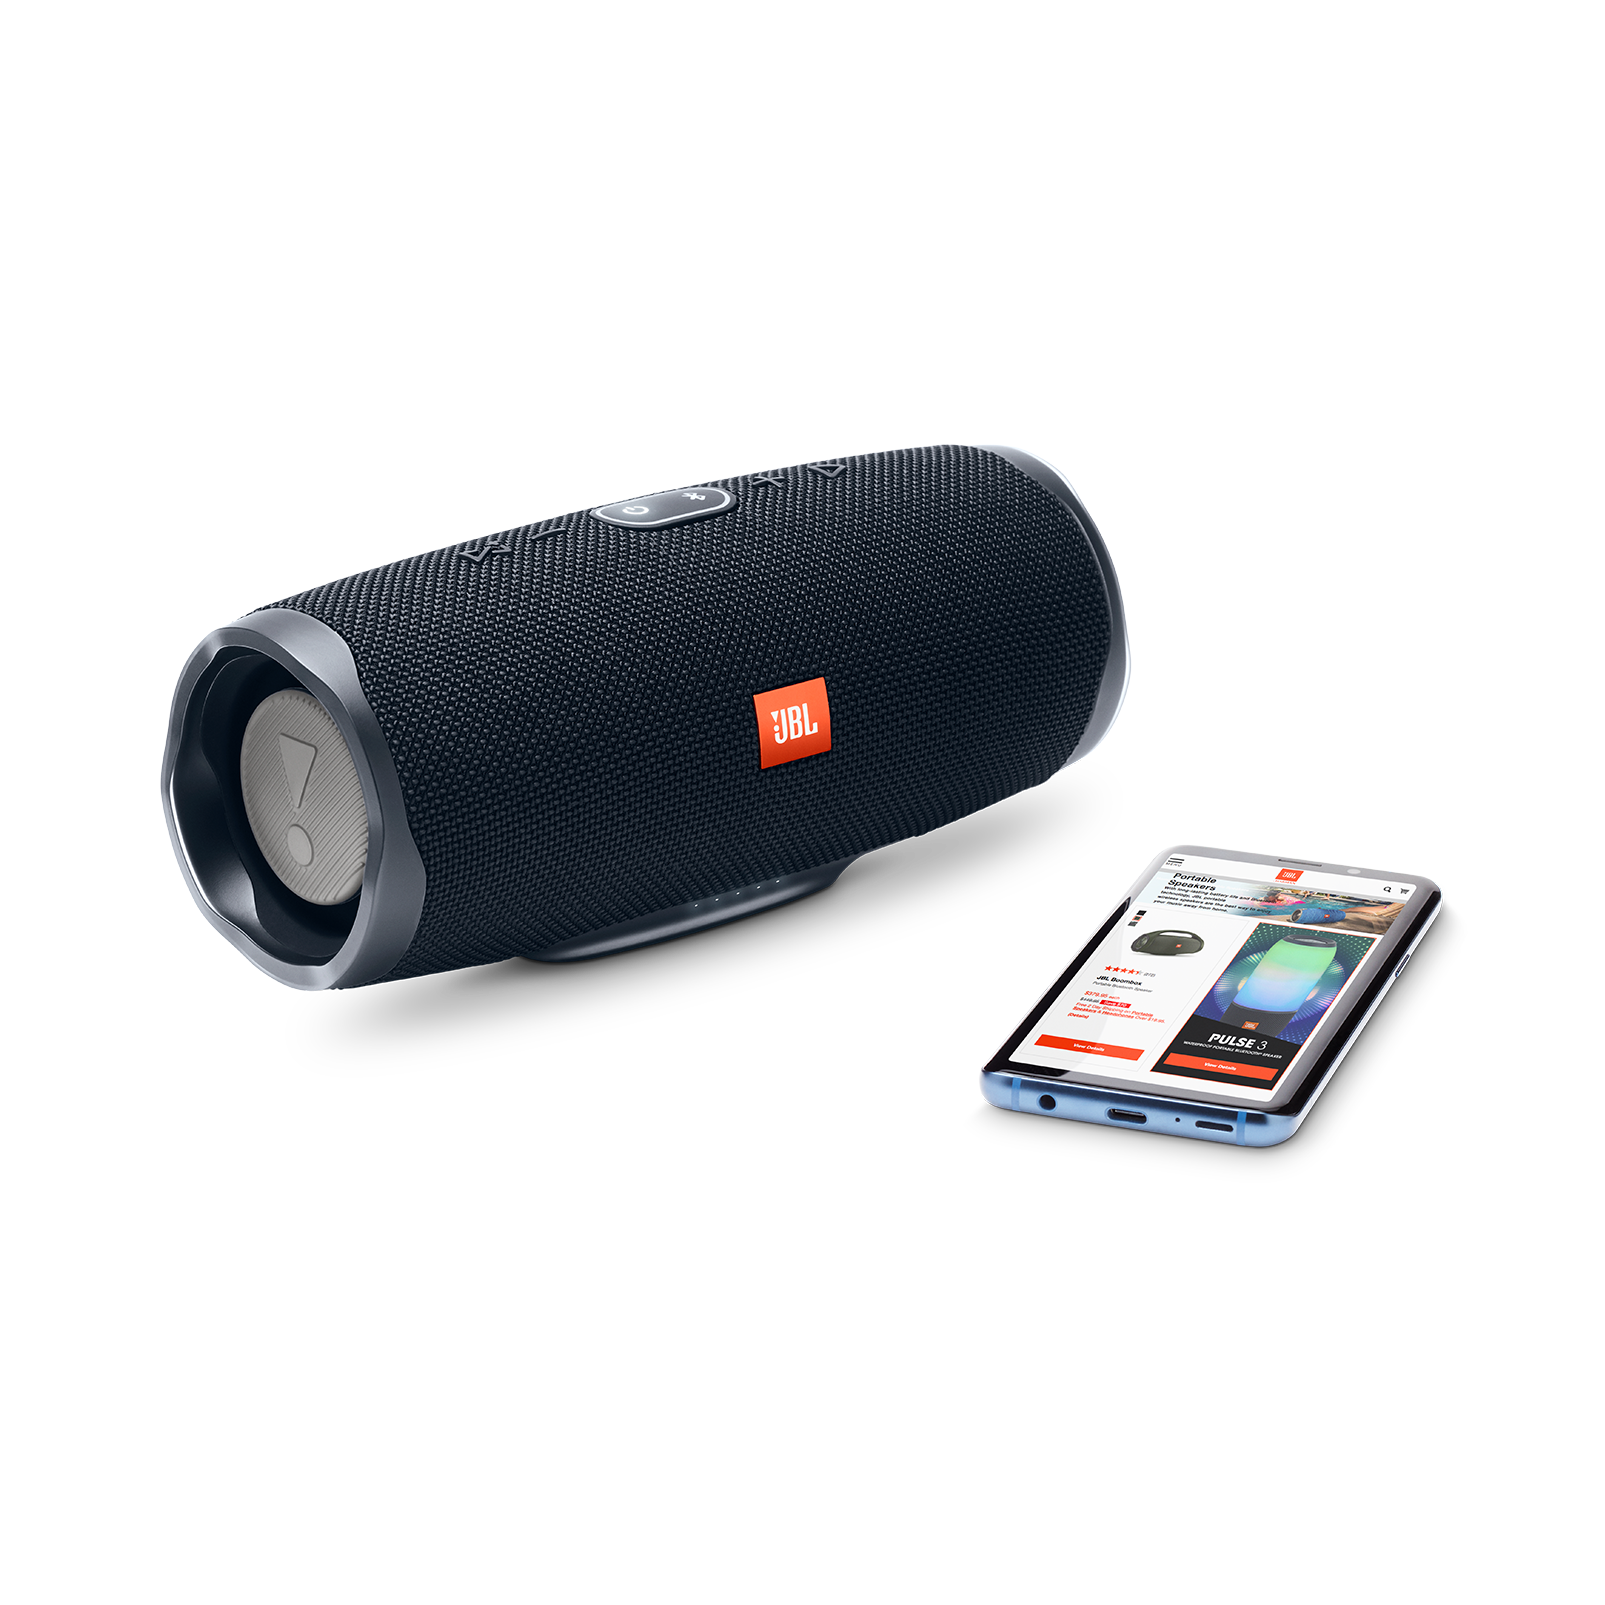 JBL Charge 4 - Black - Portable Bluetooth speaker - Detailshot 4